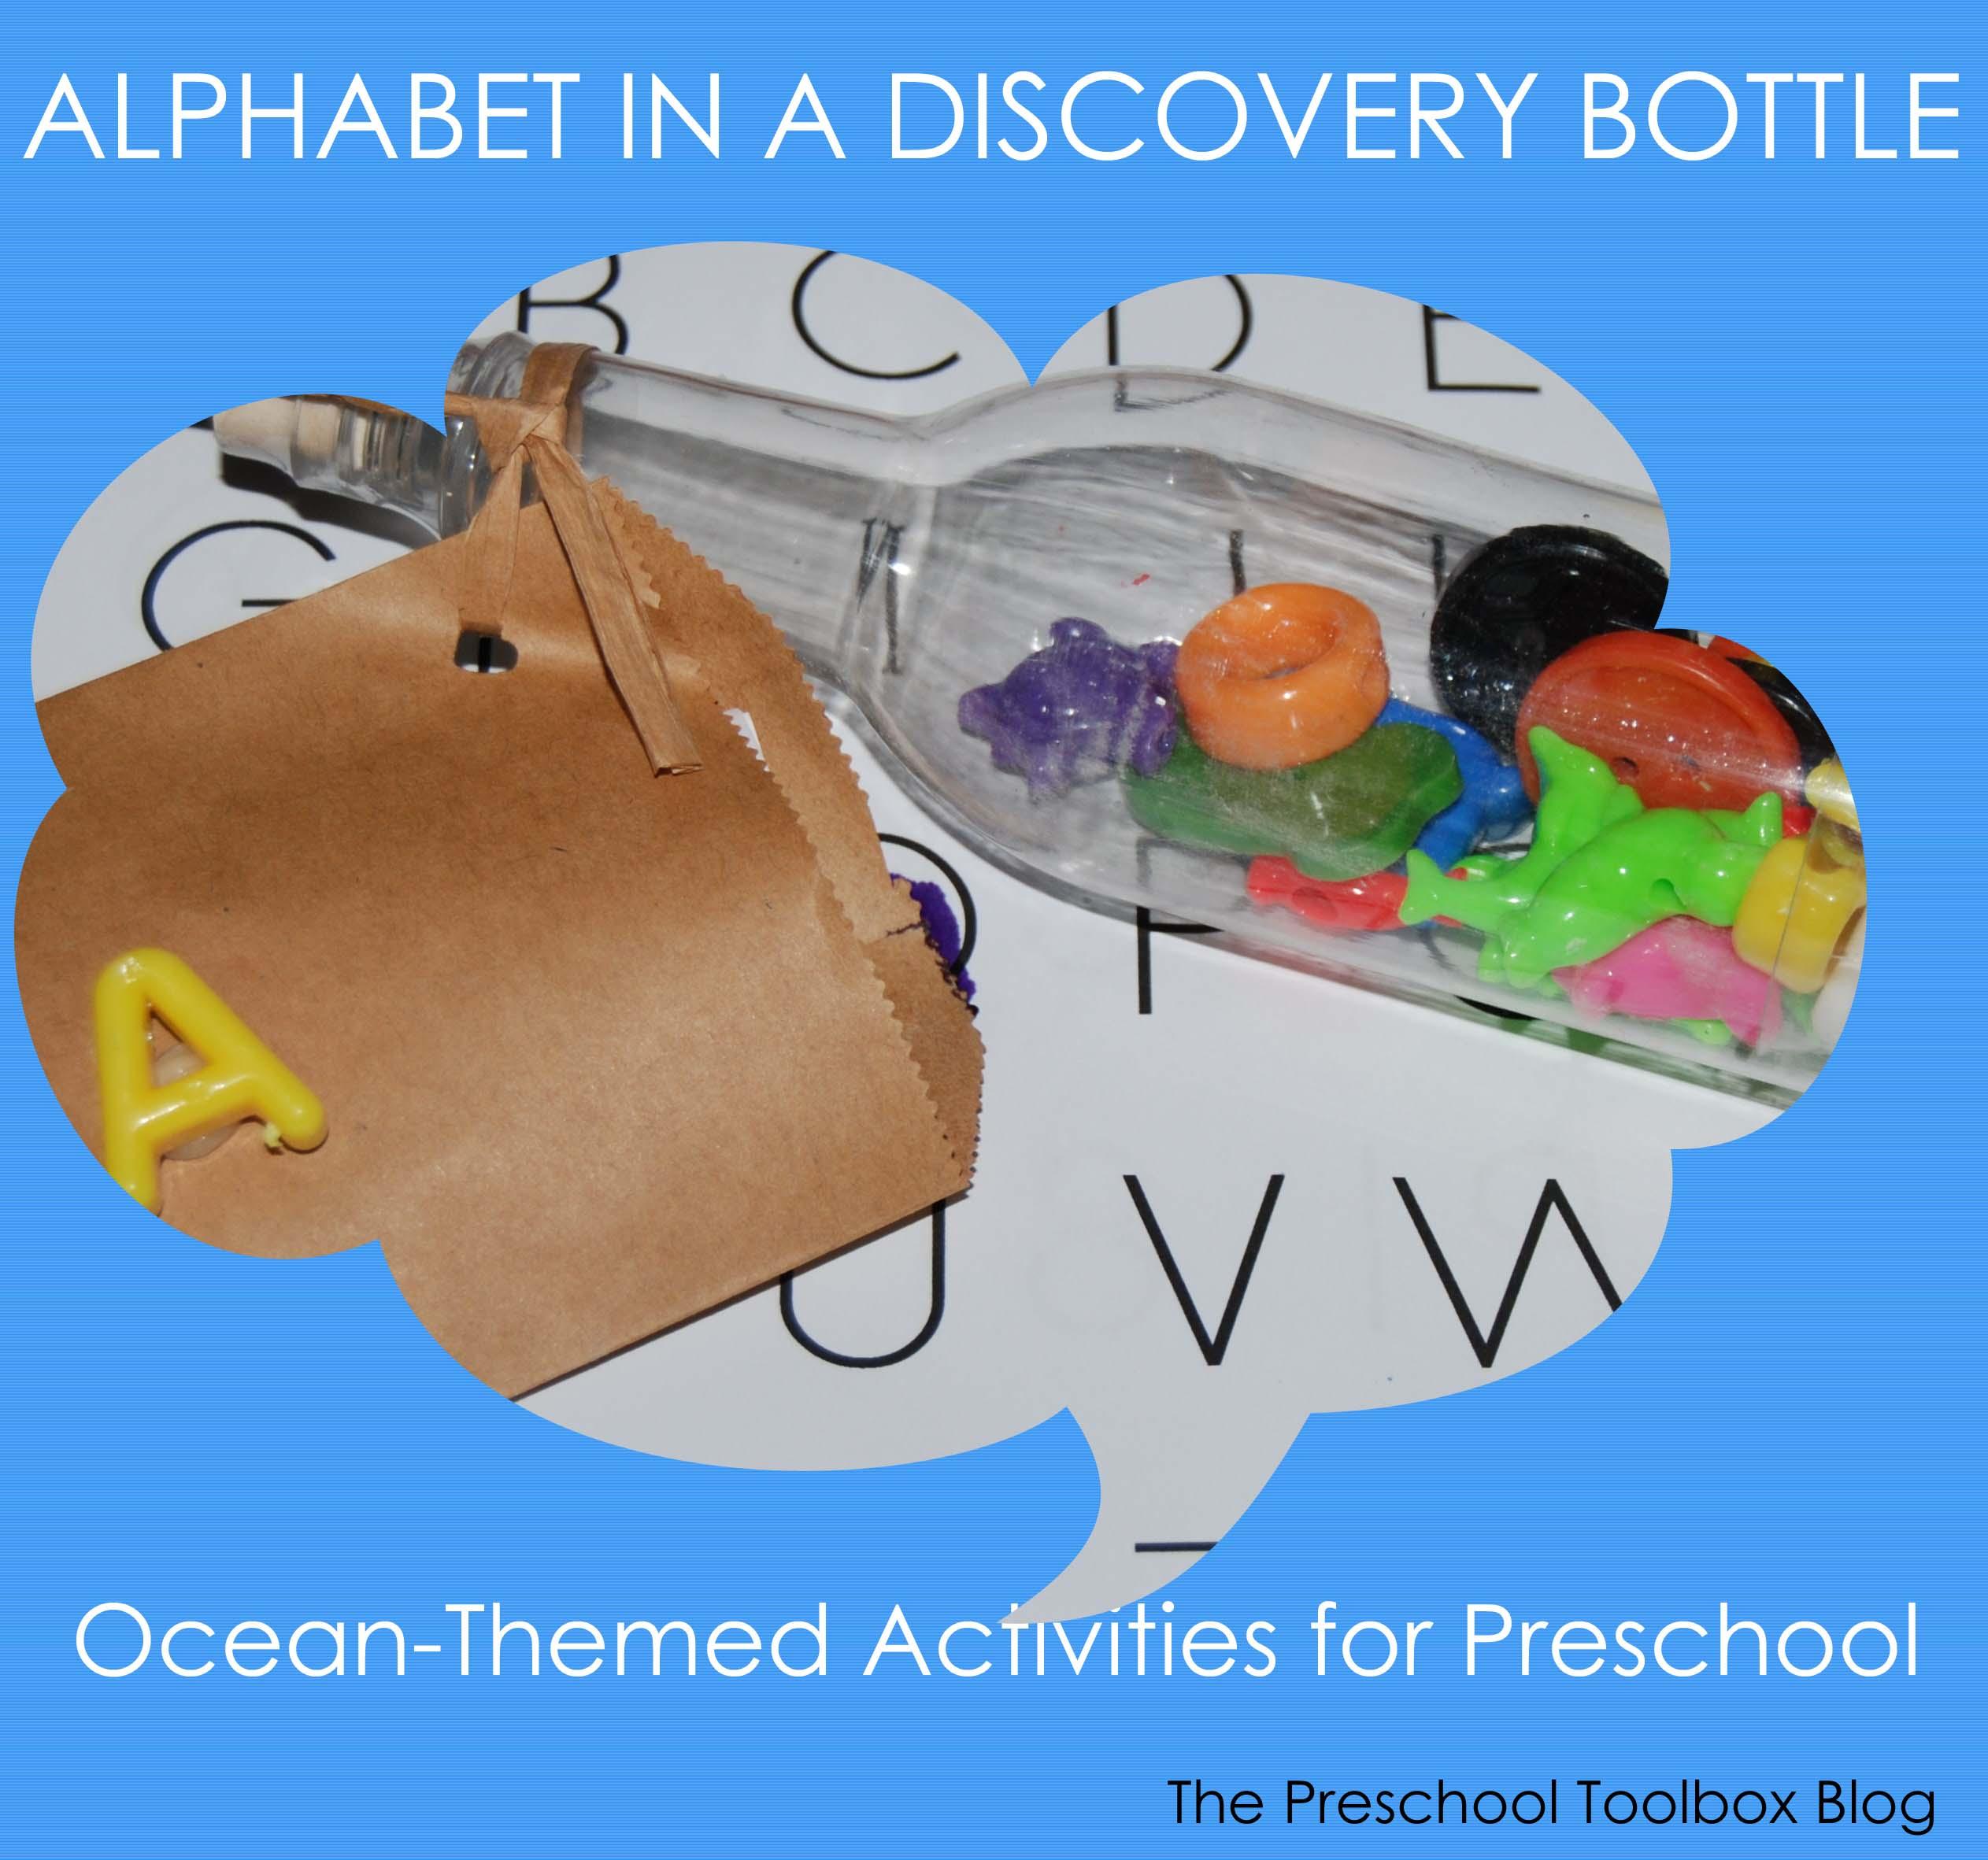 Alphabet Bottles The Preschool Toolbox Blog